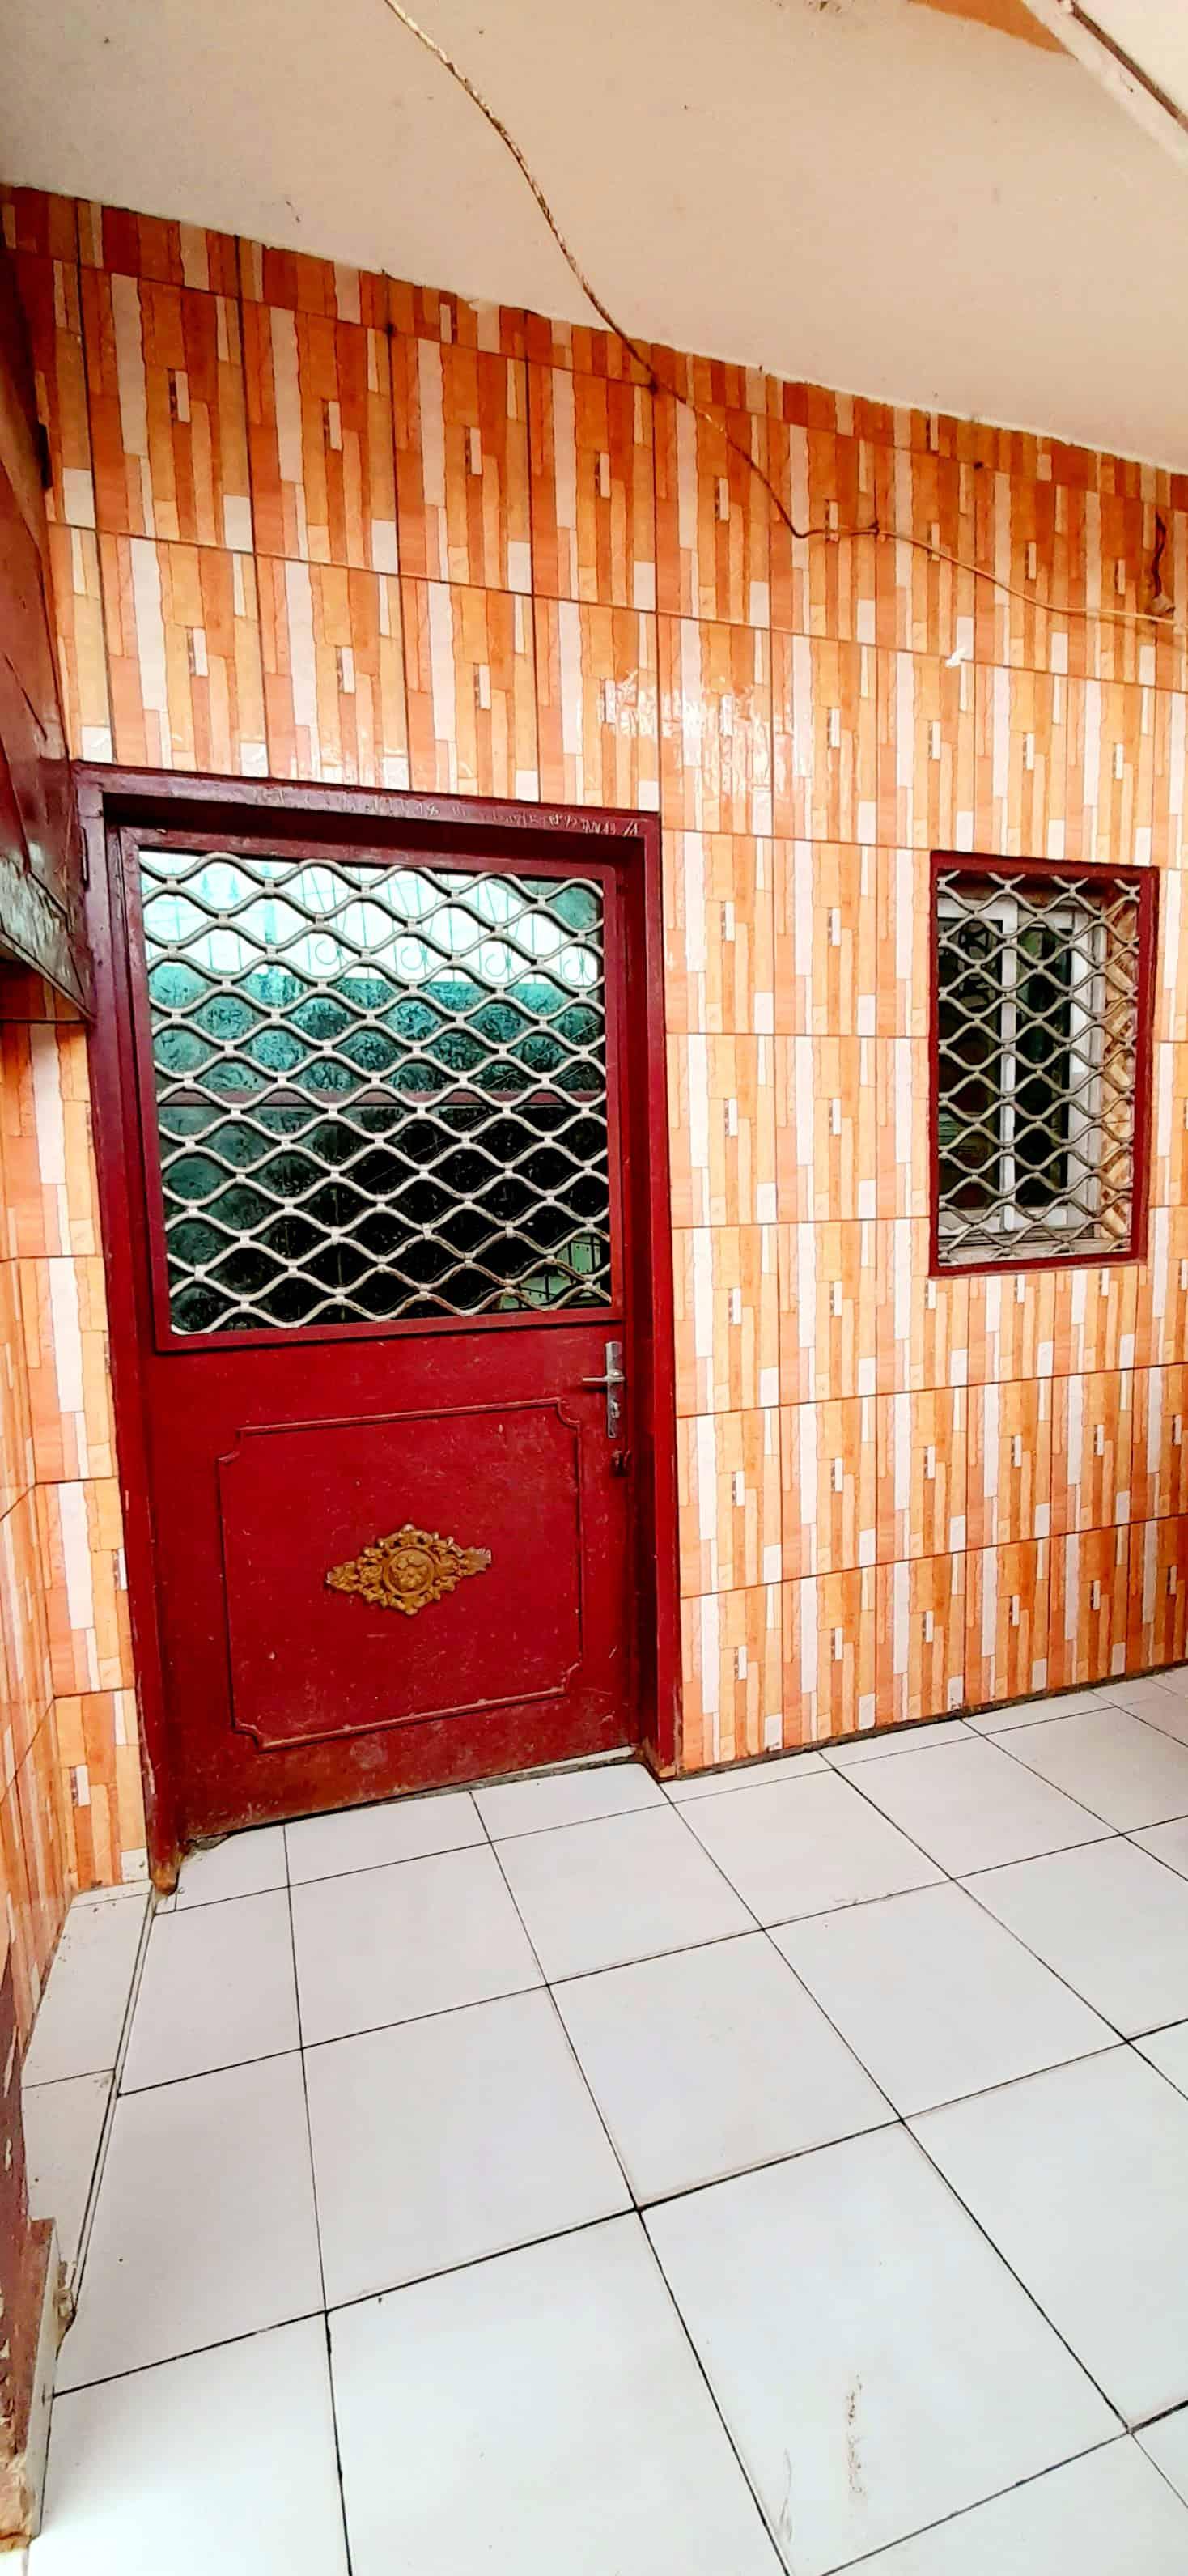 Appartement à louer - Douala, Bepanda, Boulangerie de la paix - 1 salon(s), 1 chambre(s), 1 salle(s) de bains - 50 000 FCFA / mois